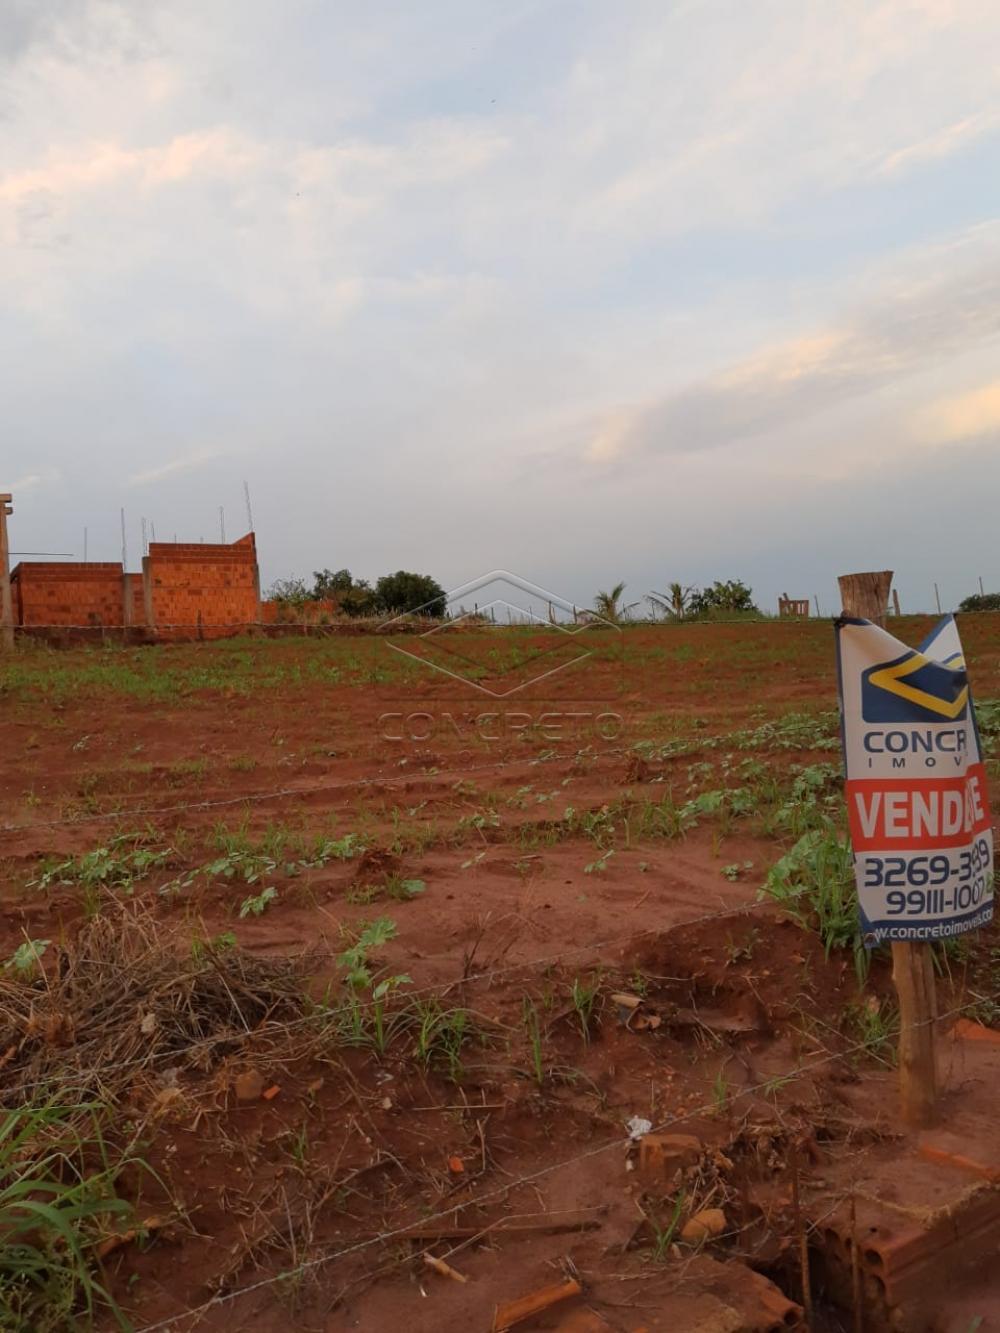 Comprar Rural / Chácara / Fazenda em Macatuba R$ 120.000,00 - Foto 6